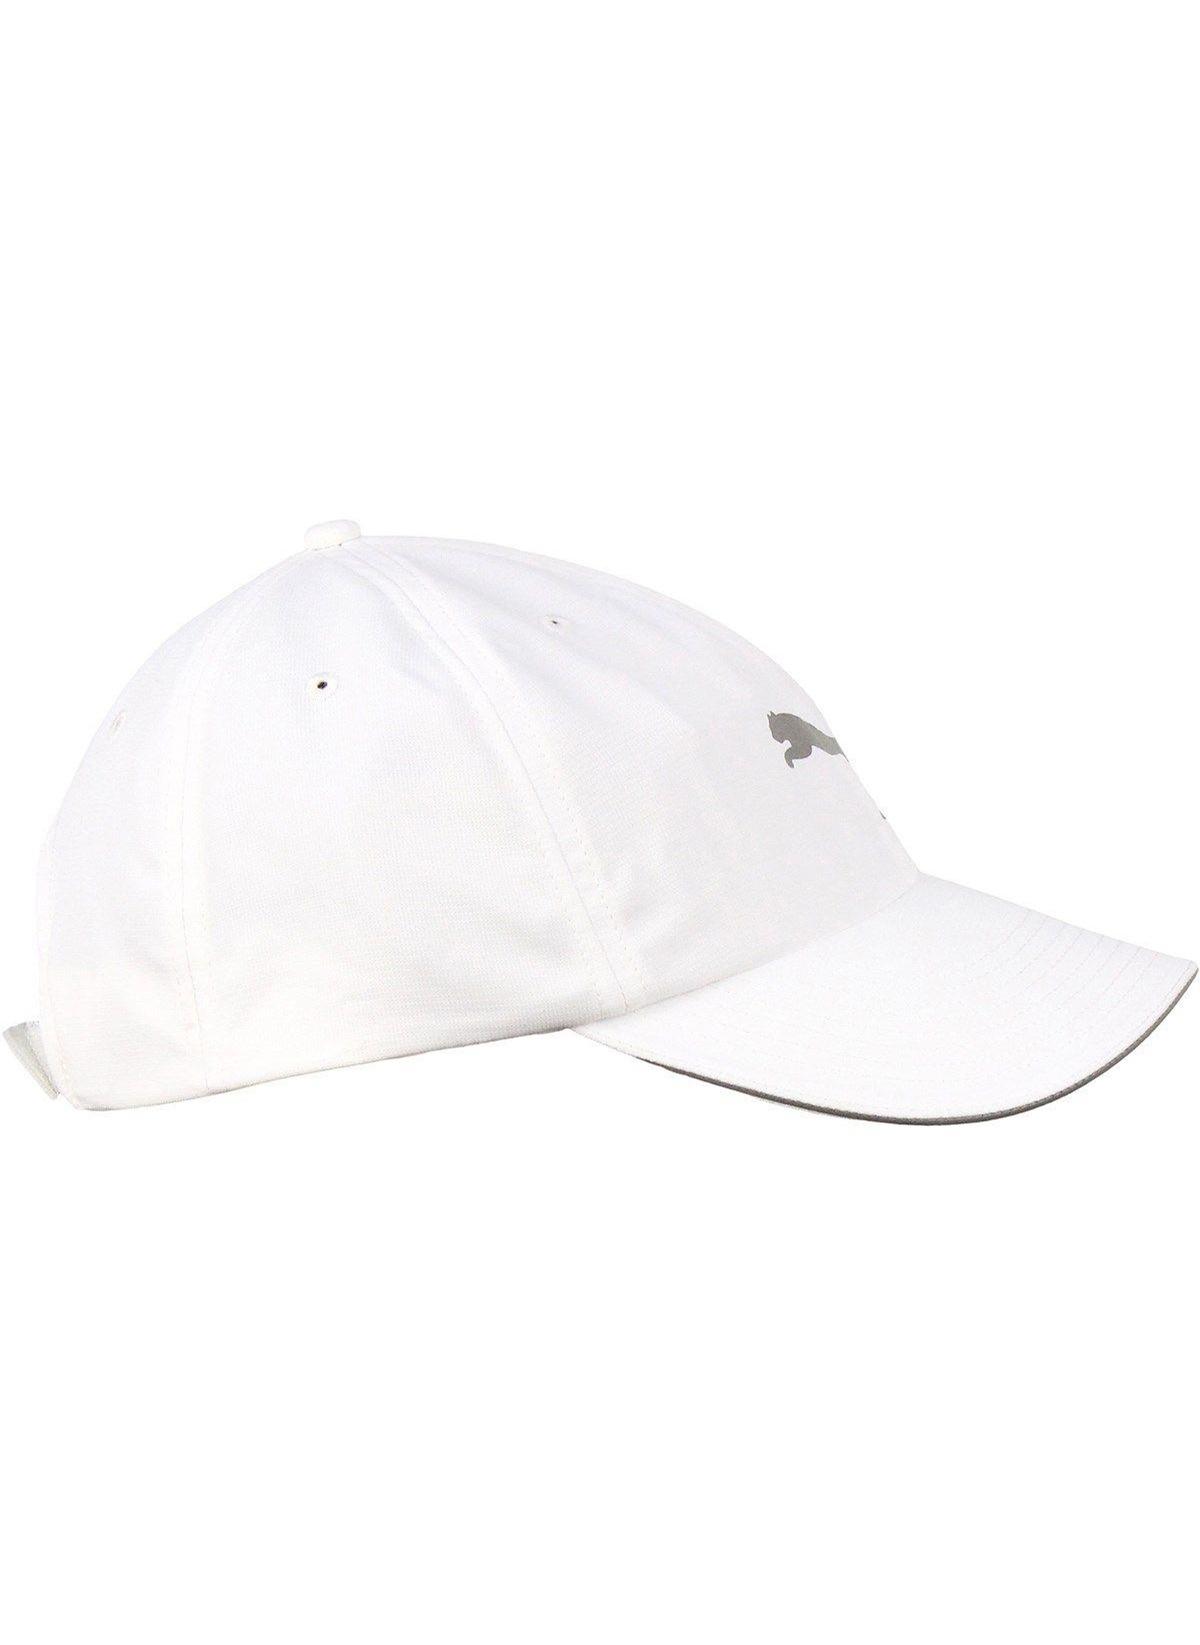 Puma Şapka Beyaz  Puma Şapka Beyaz ... 4cc180b2c4